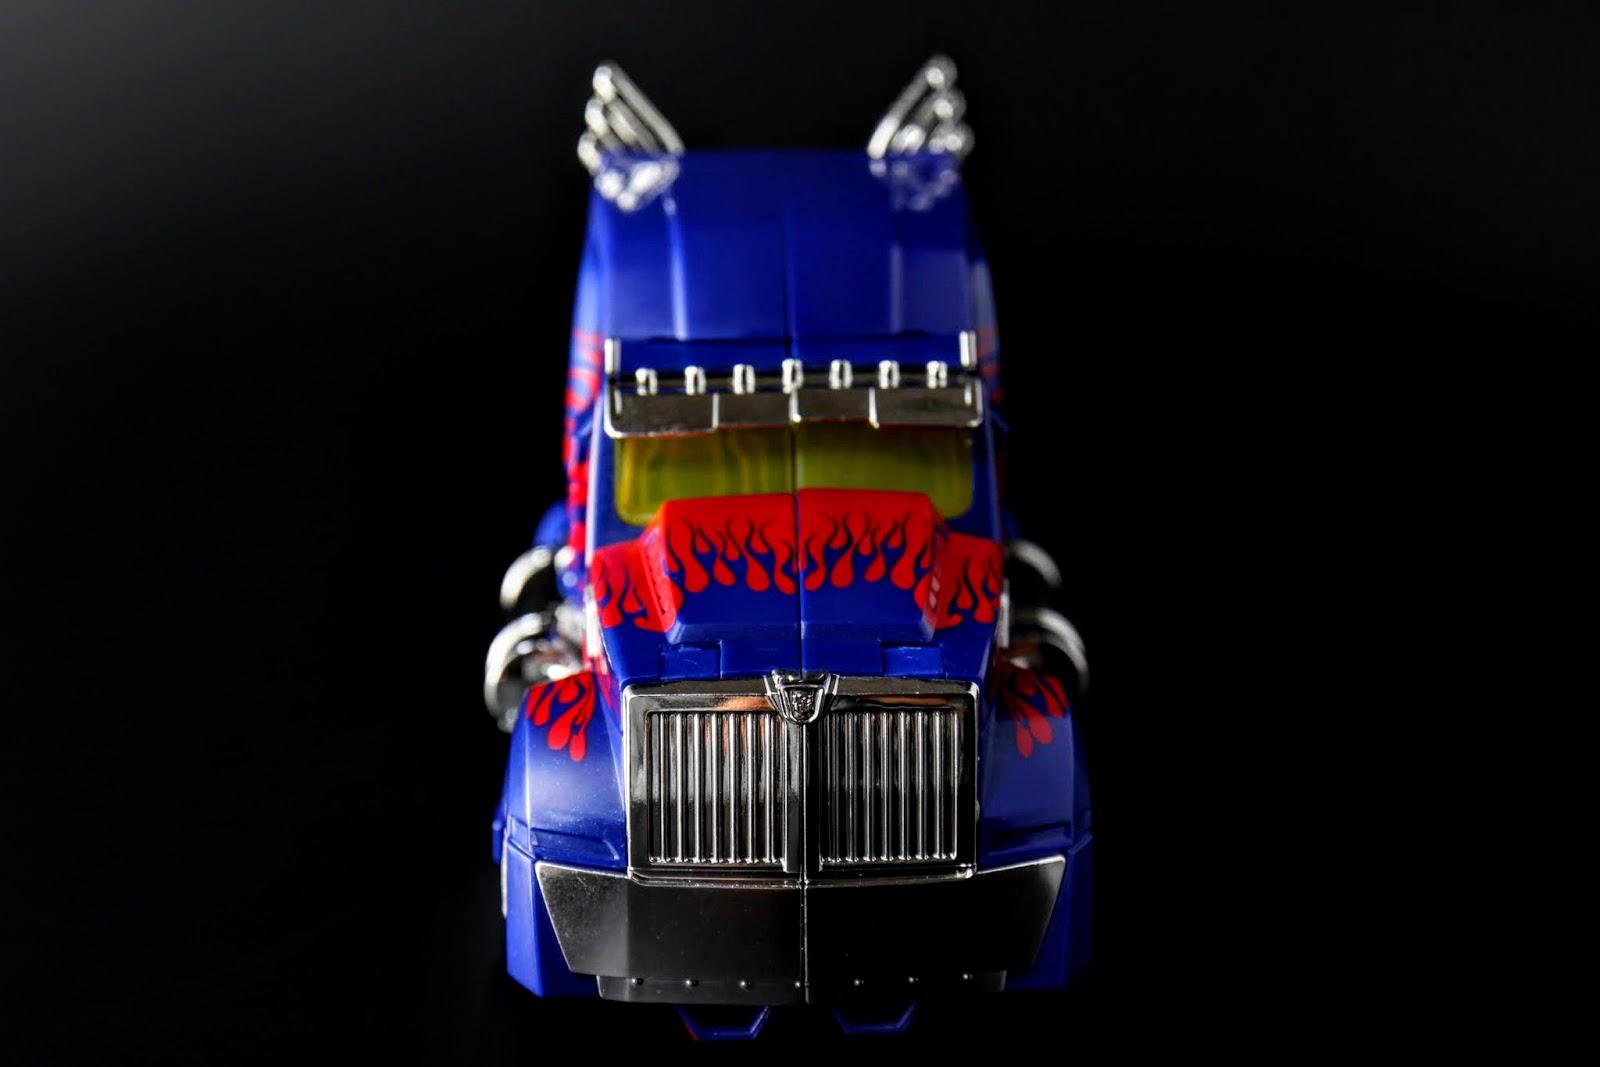 這讓我想起07年電影第一級的第一款OP,也是完美車型悲慘人形